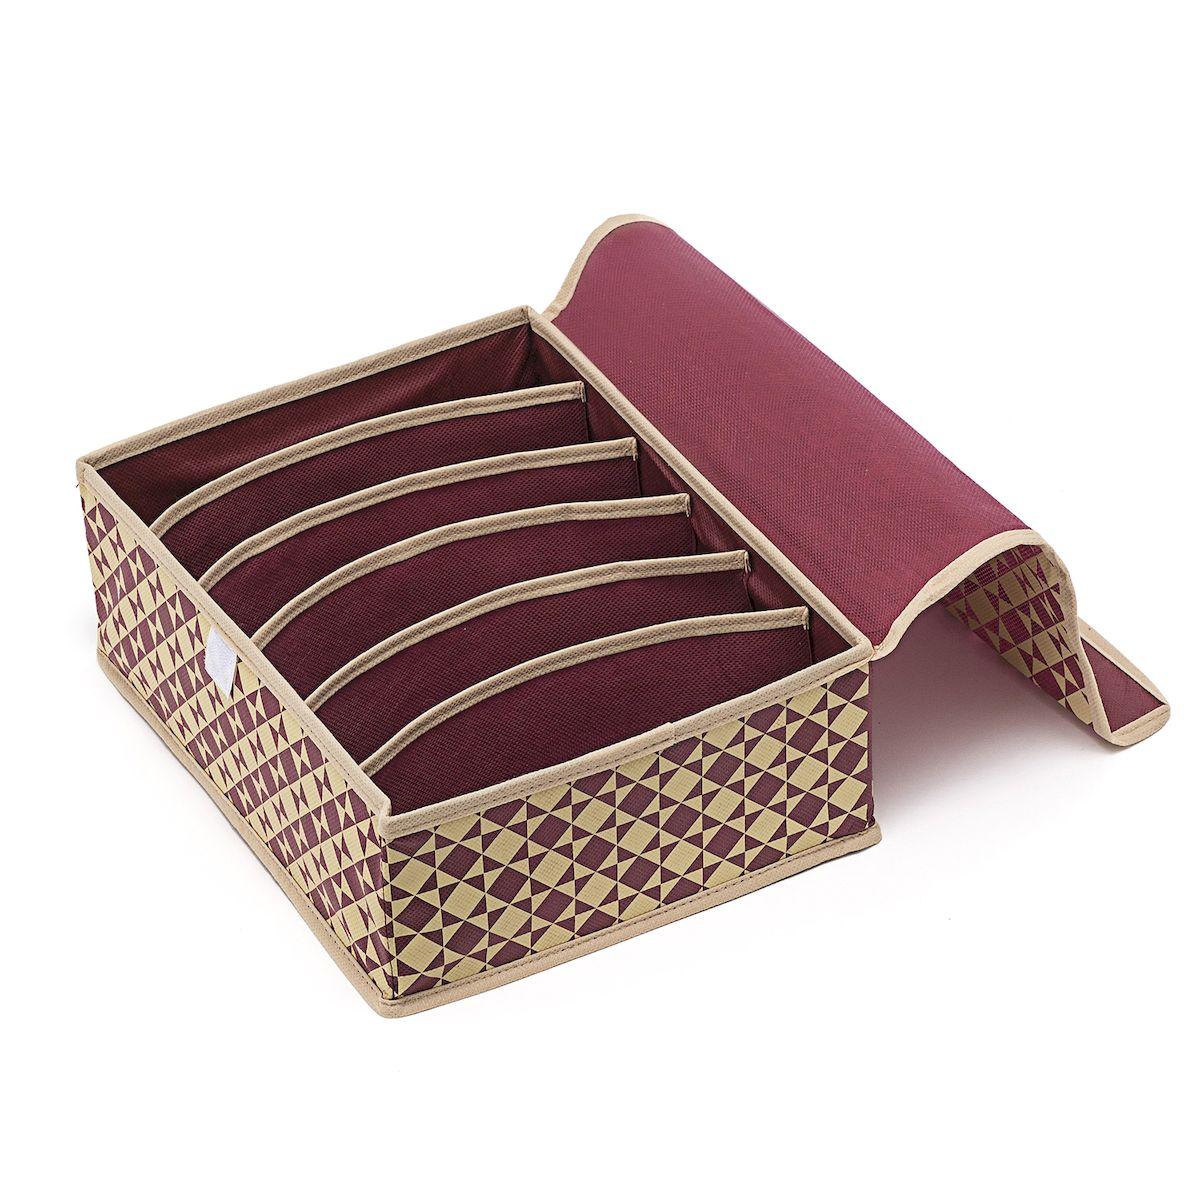 Органайзер для хранения Homsu Bordo, 6 секций, 31 х 24 х 11 смHOM-392Компактный складной органайзер Homsu Bordo изготовлен из высококачественного полиэстера, который обеспечивает естественную вентиляцию. Материал позволяет воздуху свободно проникать внутрь, но не пропускает пыль. Органайзер отлично держит форму, благодаря вставкам из плотного картона. Изделие имеет 6 секций для хранения нижнего белья, колготок, носков и другой одежды. Изделие закрывается крышкой на липучке. Такой органайзер позволит вам хранить вещи компактно и удобно.